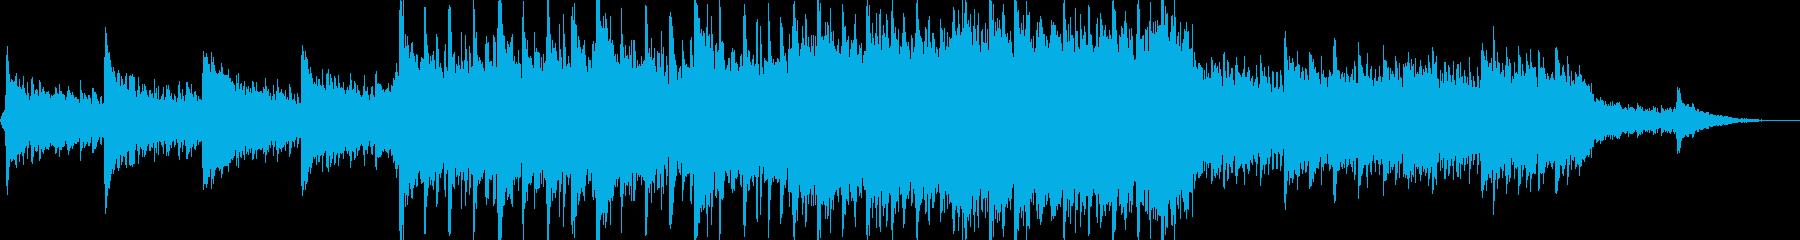 現代の交響曲 未来の技術 ポジティ...の再生済みの波形